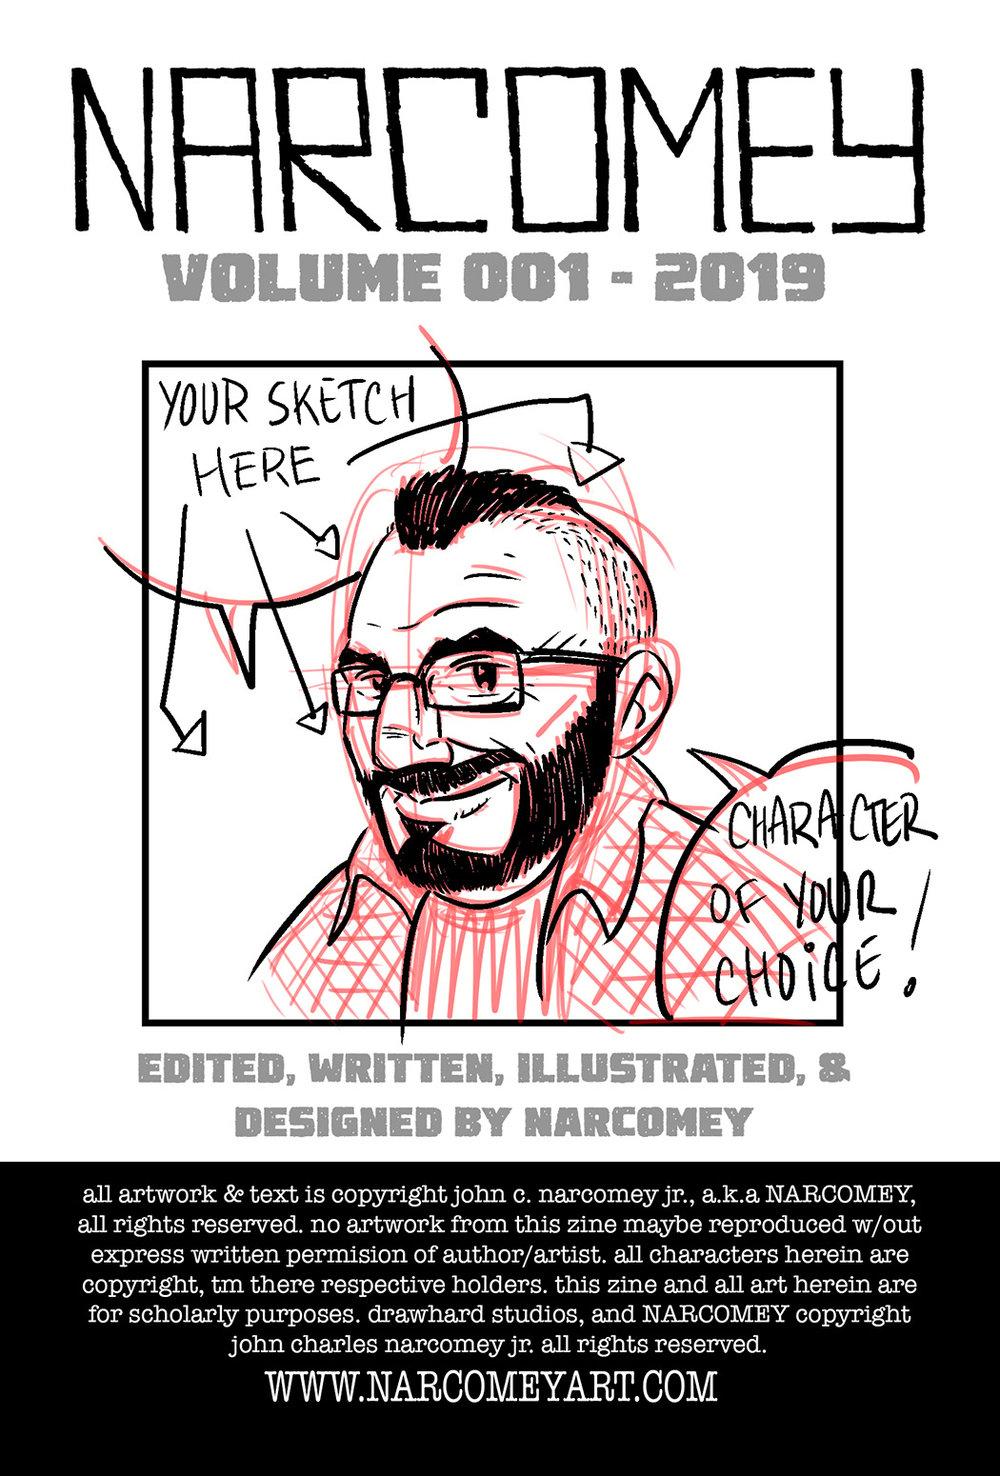 NARCOMEY Zine, Vol 001, Sketch Edition